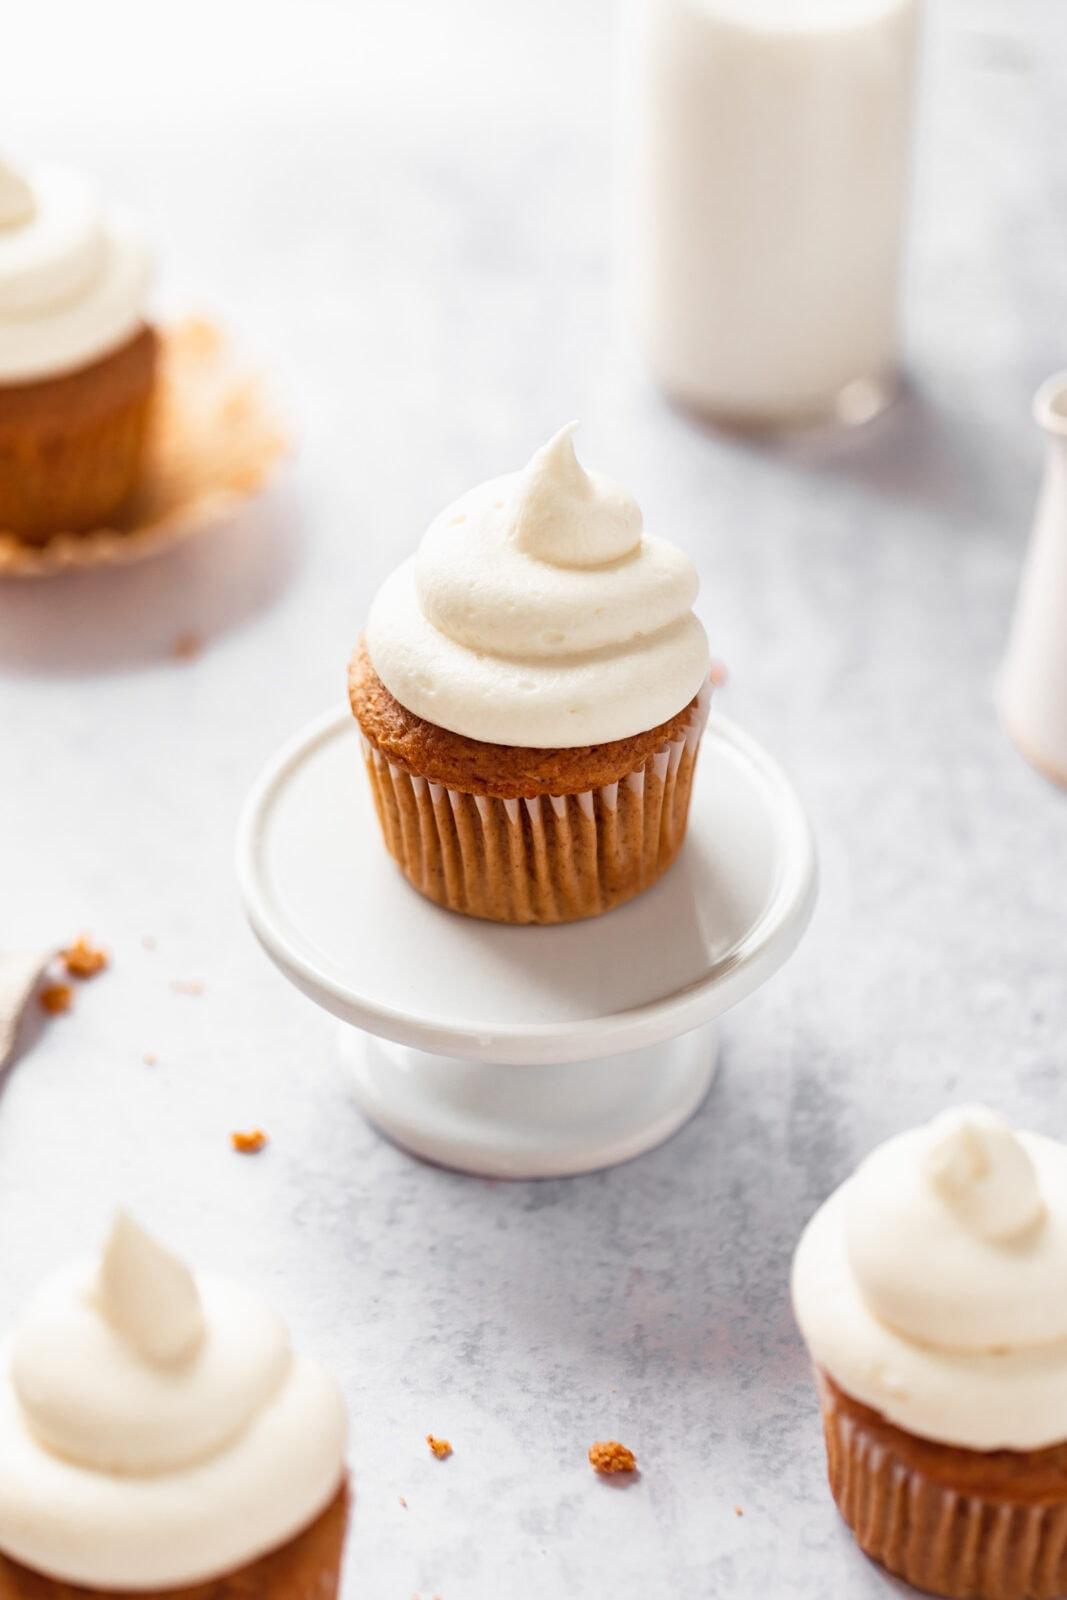 sárgarépa torta cupcake egy torta állványon